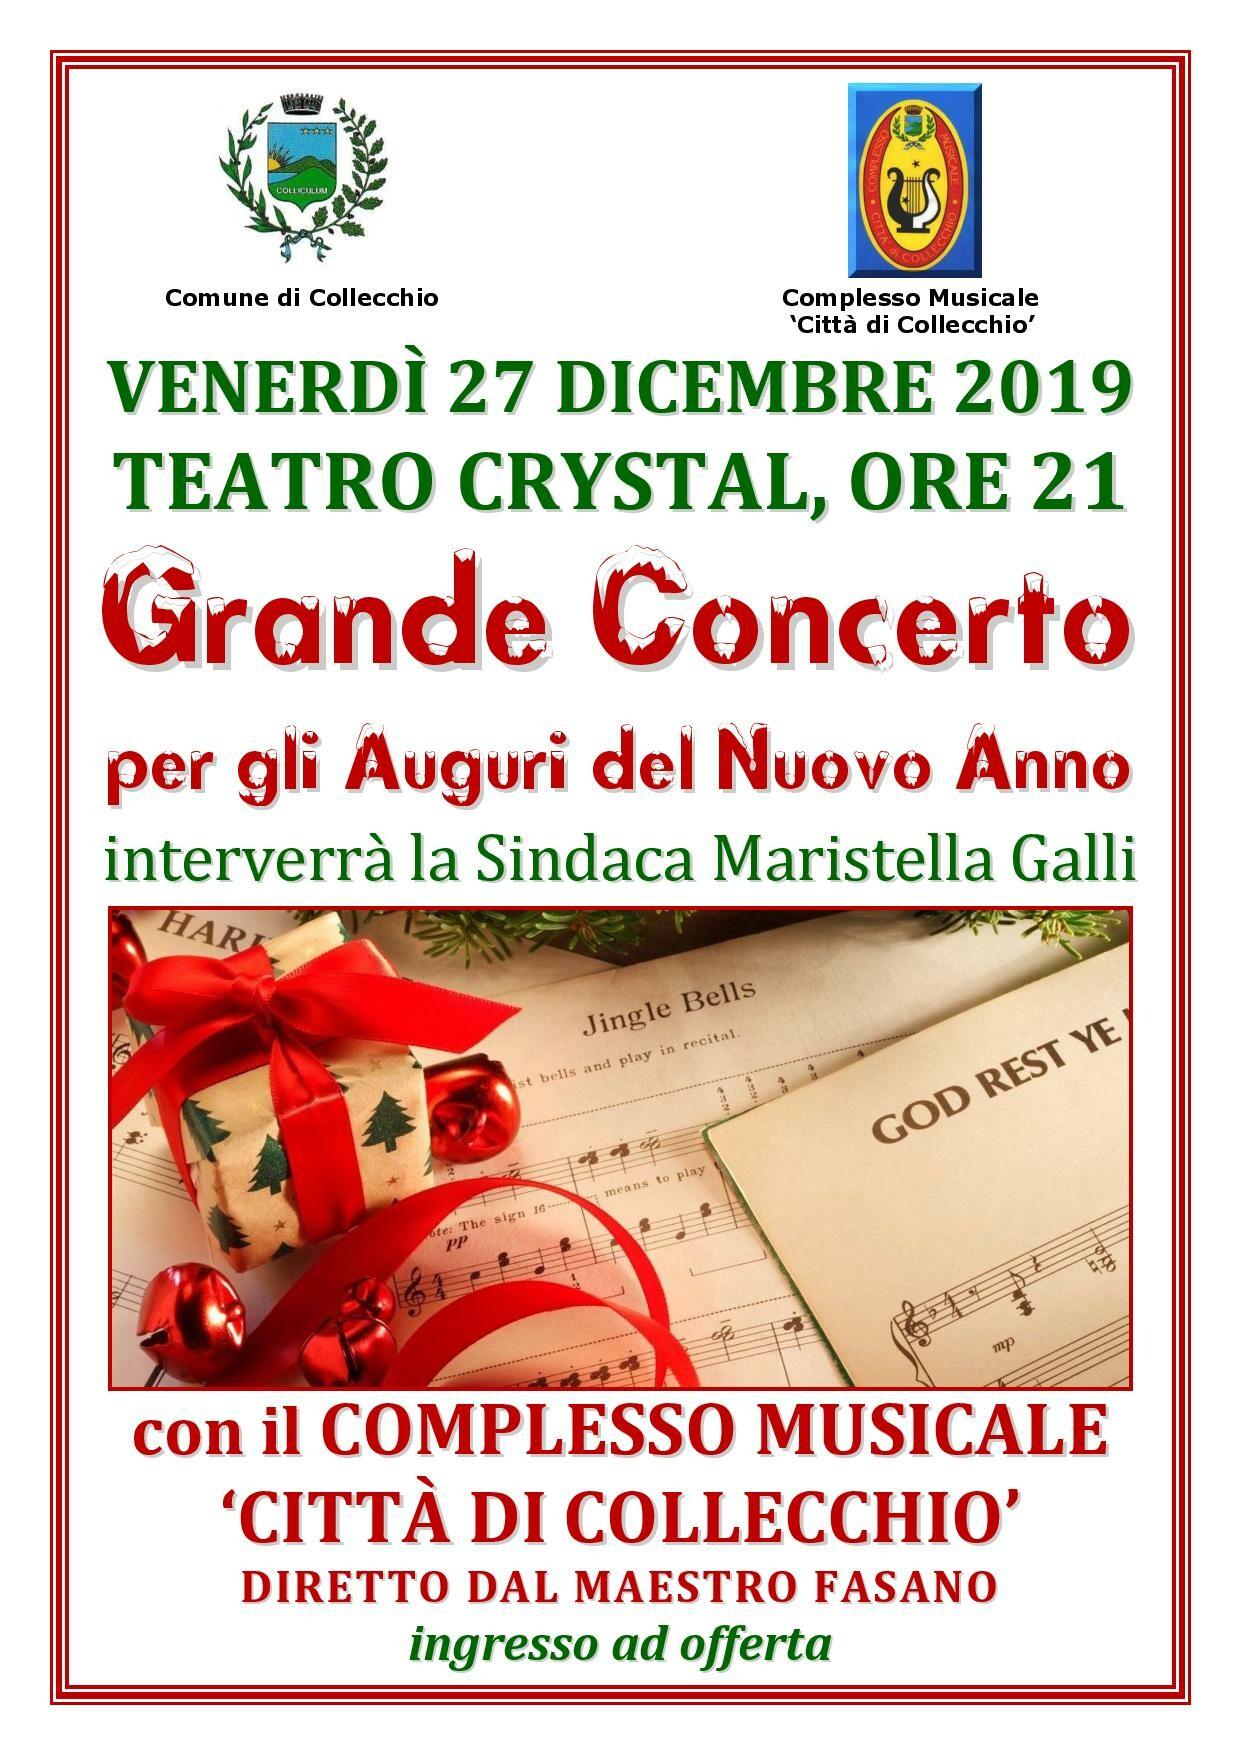 Grande Concerto per gli Auguri del Nuovo Anno a Collecchio